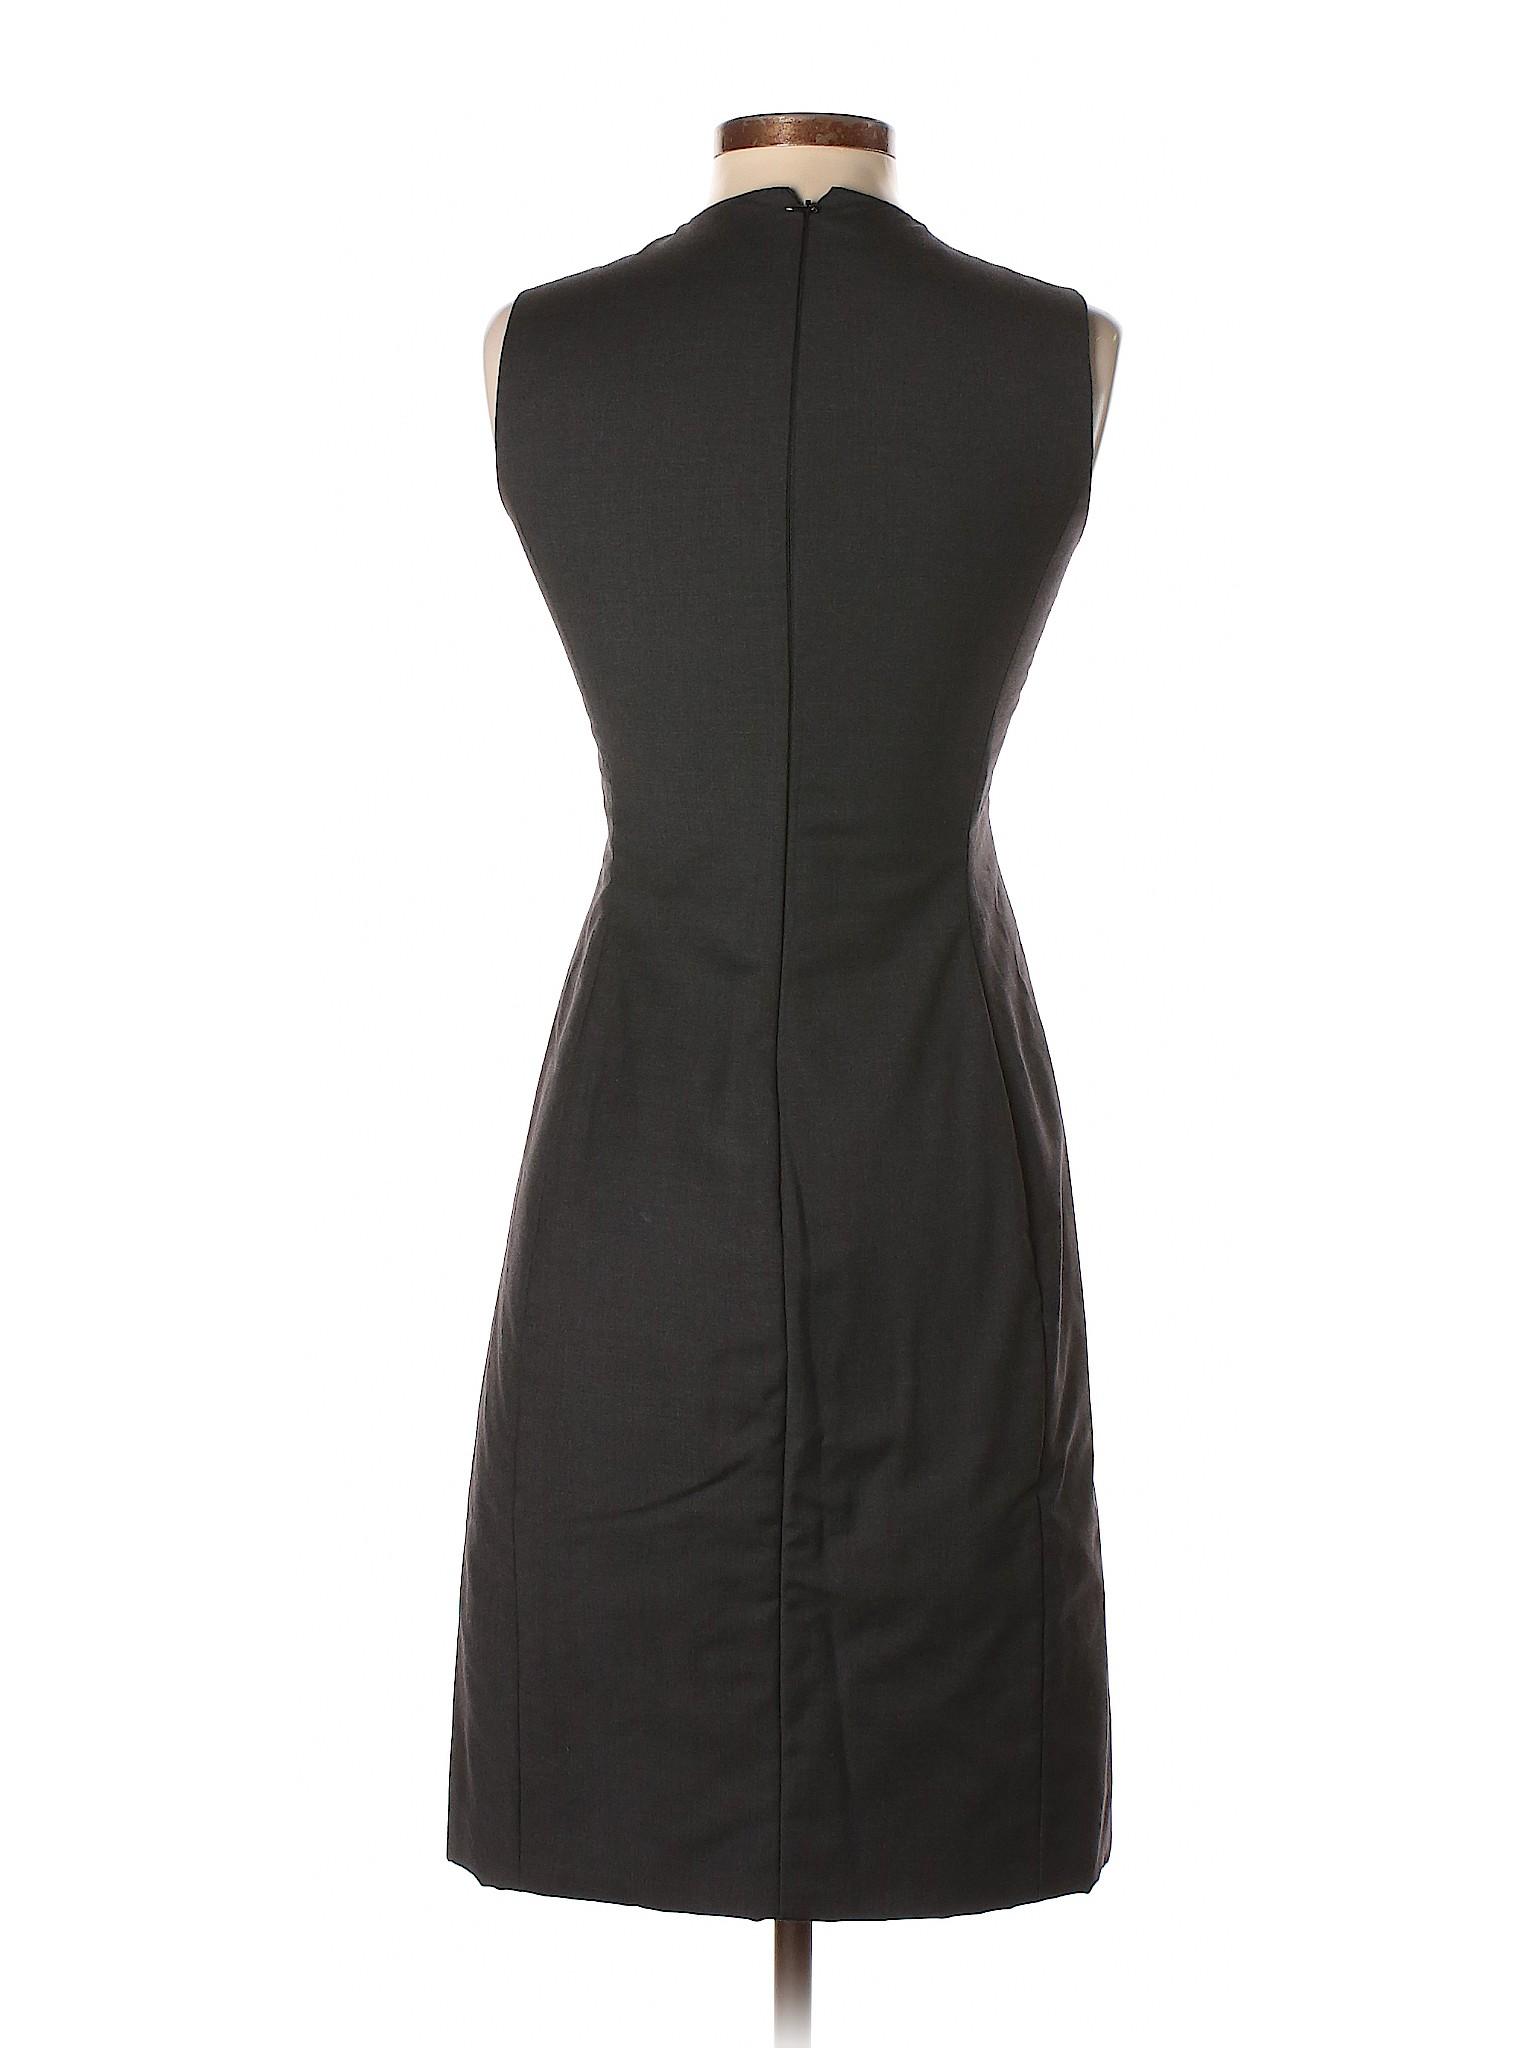 Boutique Boutique Dress Casual Prada winter winter 7fdq7